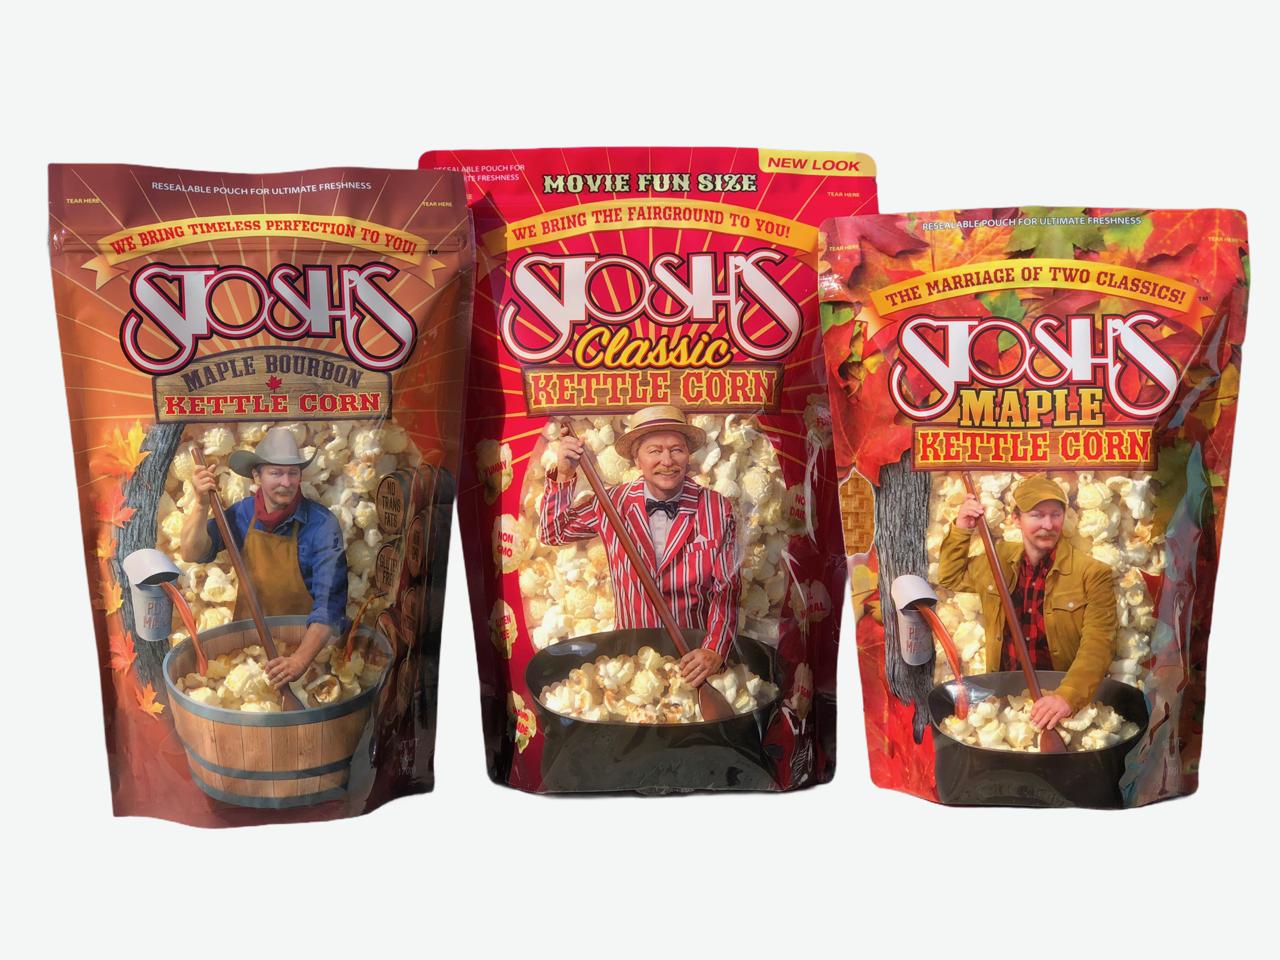 Stosh's Kettle Corn